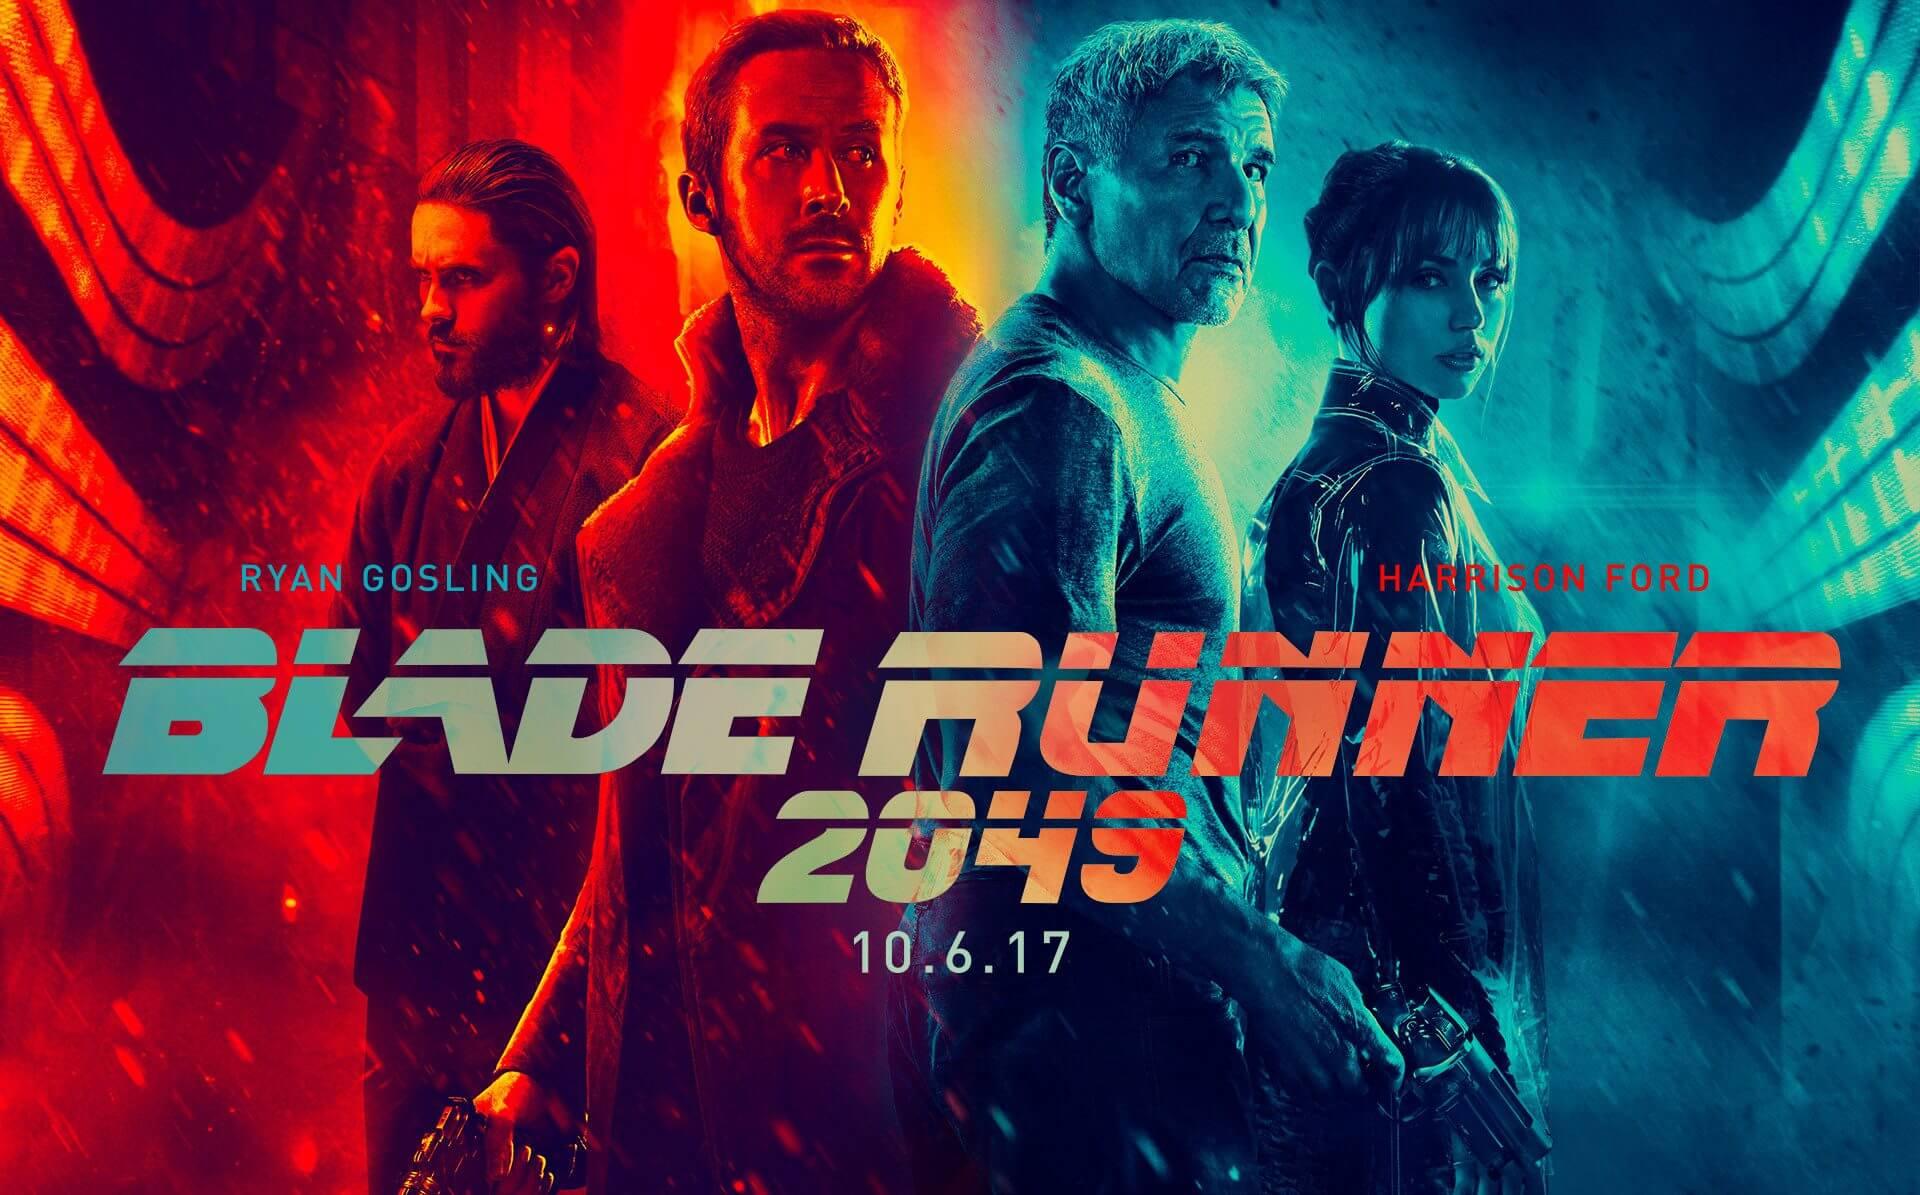 tumblr static 26osk19e9qck84sgcwogsw88w - Crítica: Blade Runner 2049 é a continuação perfeita do clássico de 1982